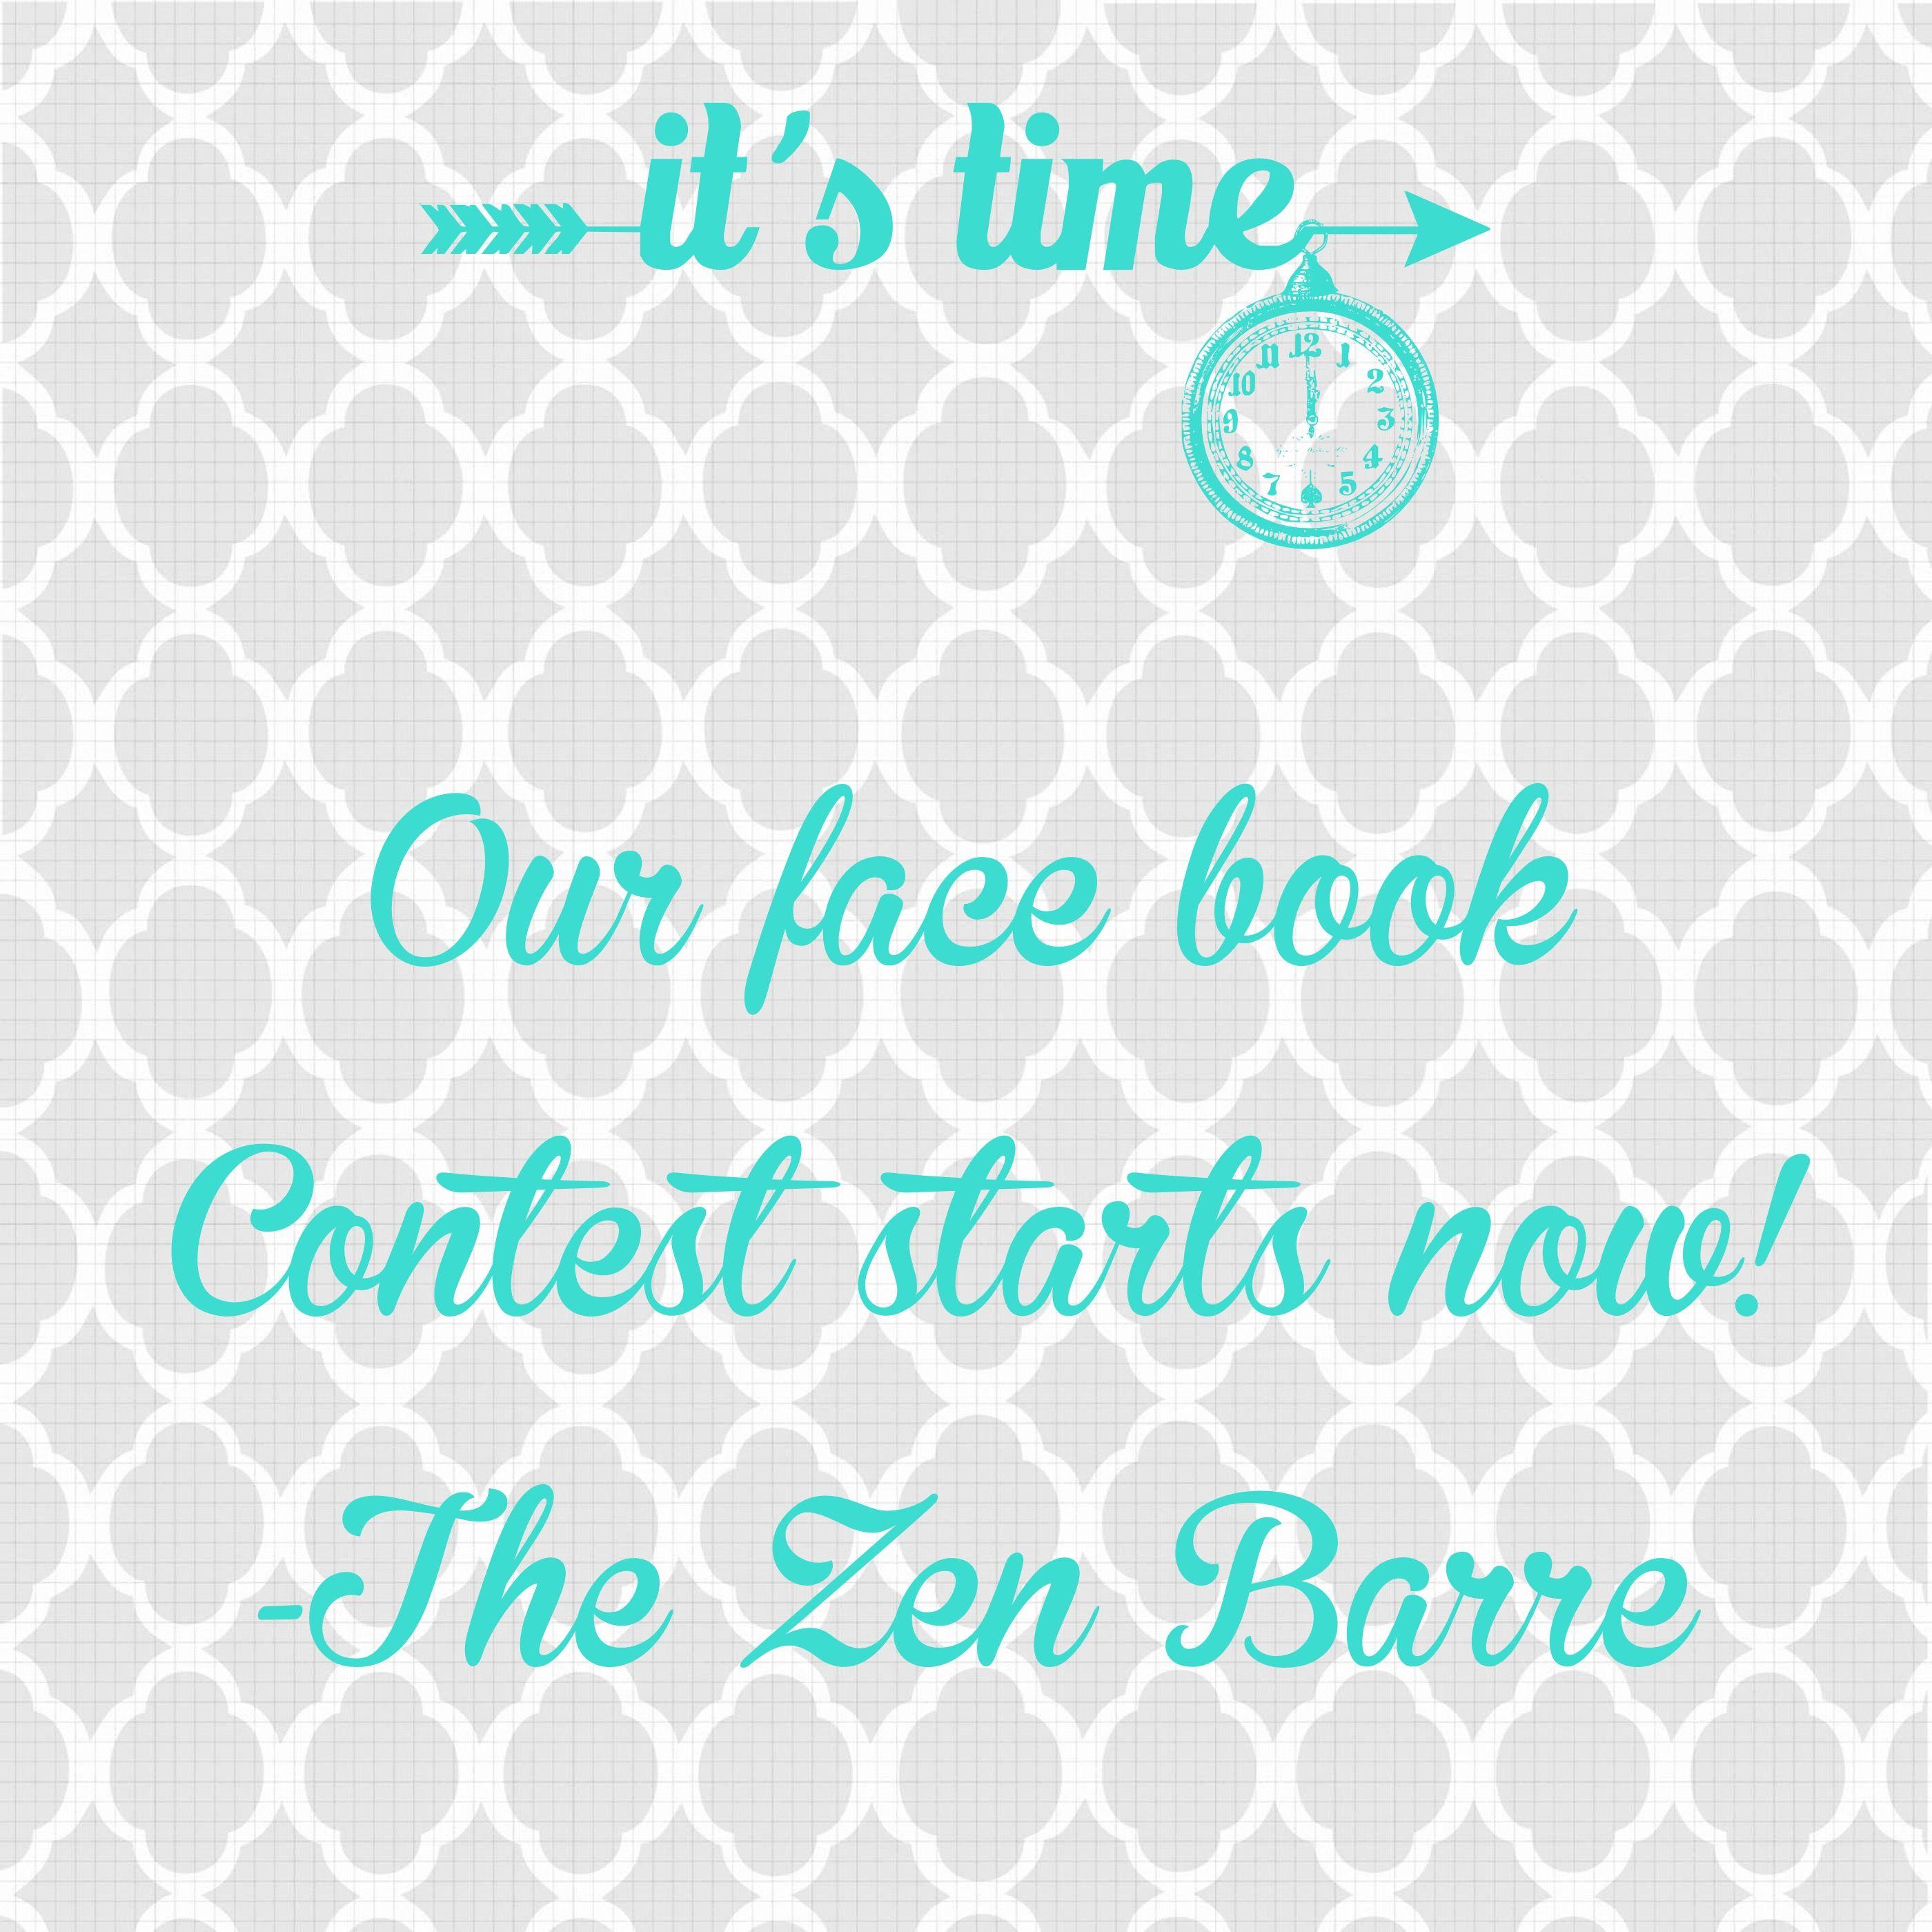 Barre Certification Win A Free Zen Barre Online Certification To